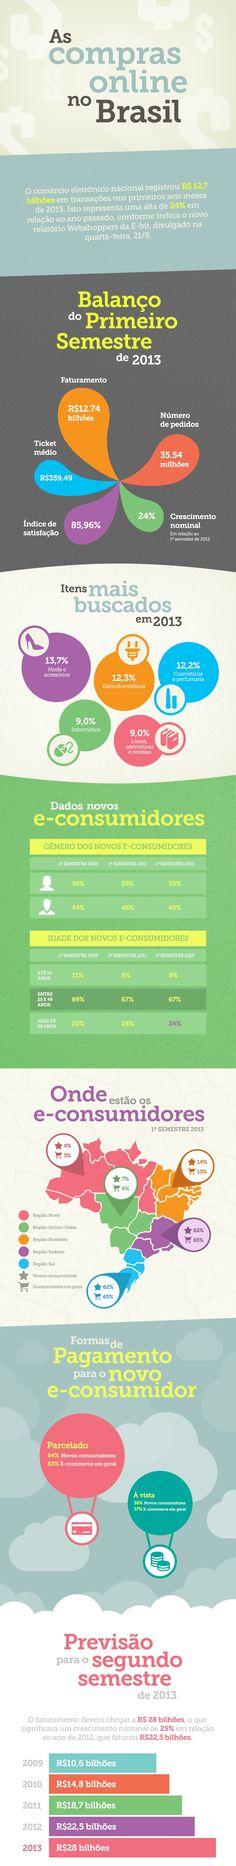 IInterativa mapeia o comportamento de consumo dos brasileiros na internet. De acordo com as informações, o comércio eletrônico nacional registrou R$ 12,7 bilhões em transações no primeiro semestre de 2013. O número representa 24% de aumento com relação em relação ao ano passado.